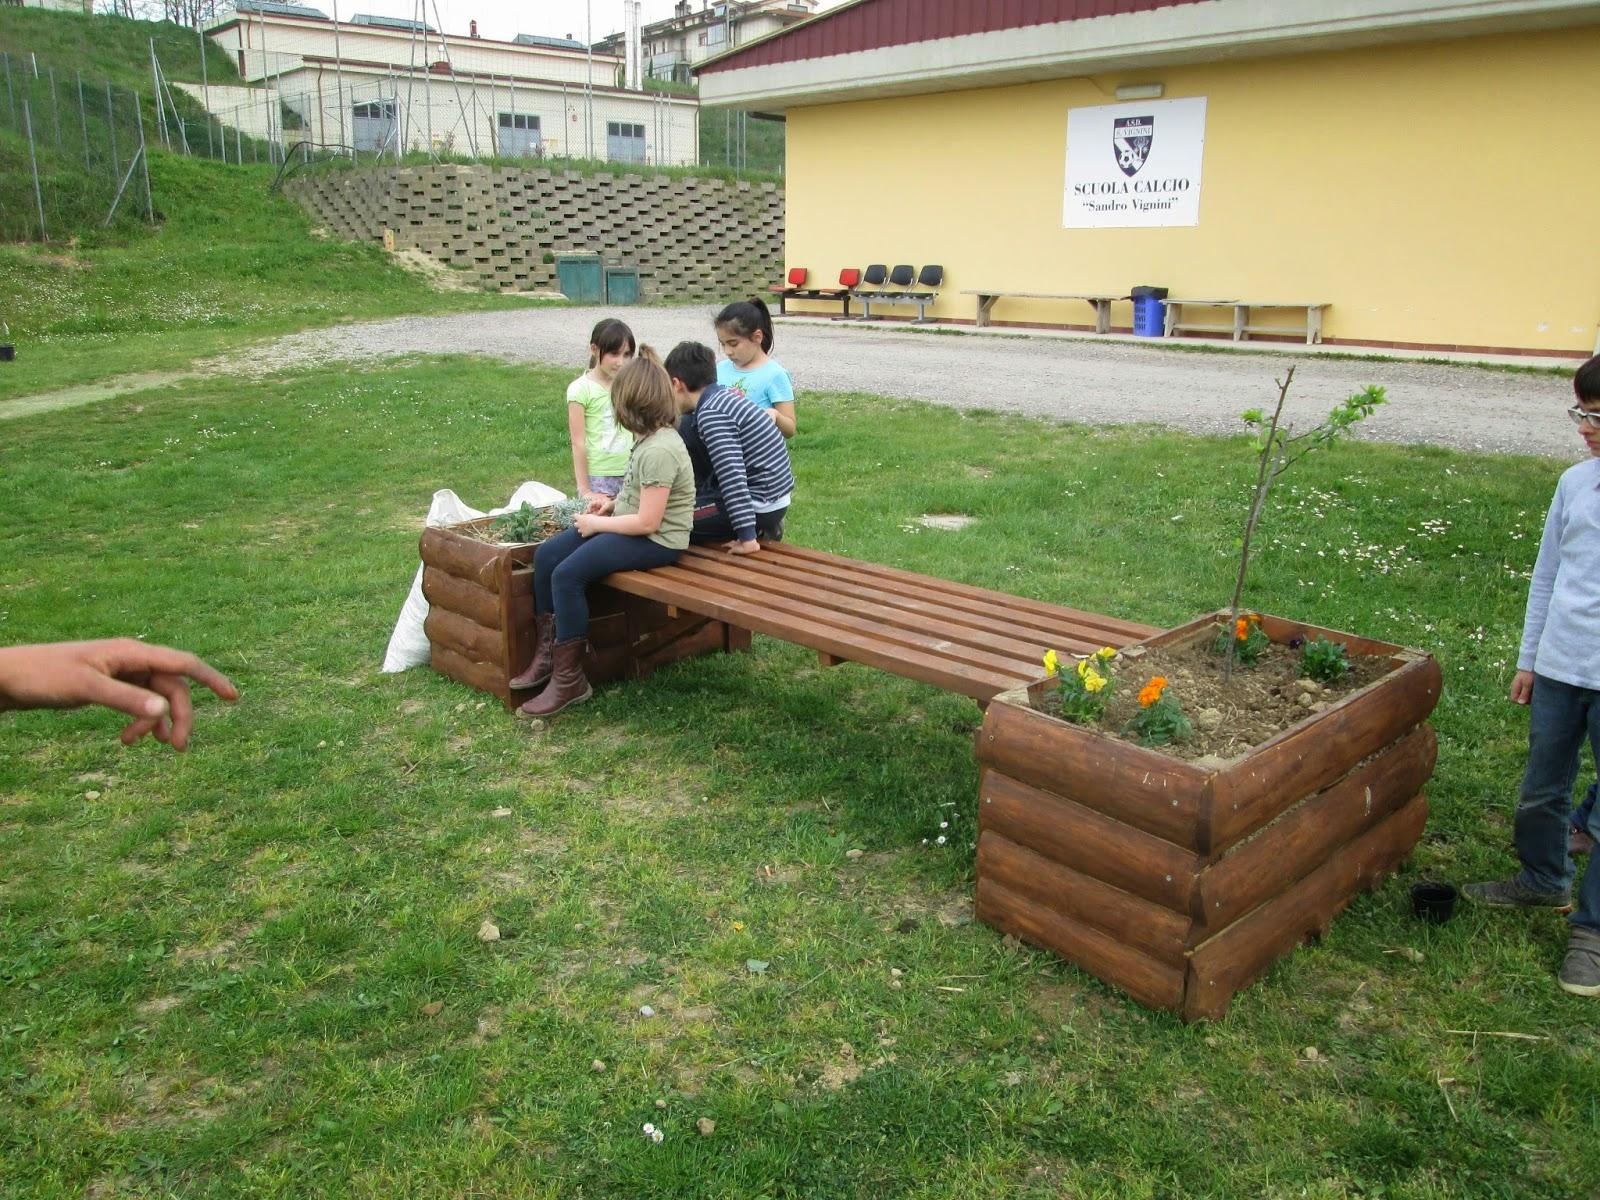 Orto scuola vicchio e a sistemare le panchine fioriere for Panchine da giardino amazon